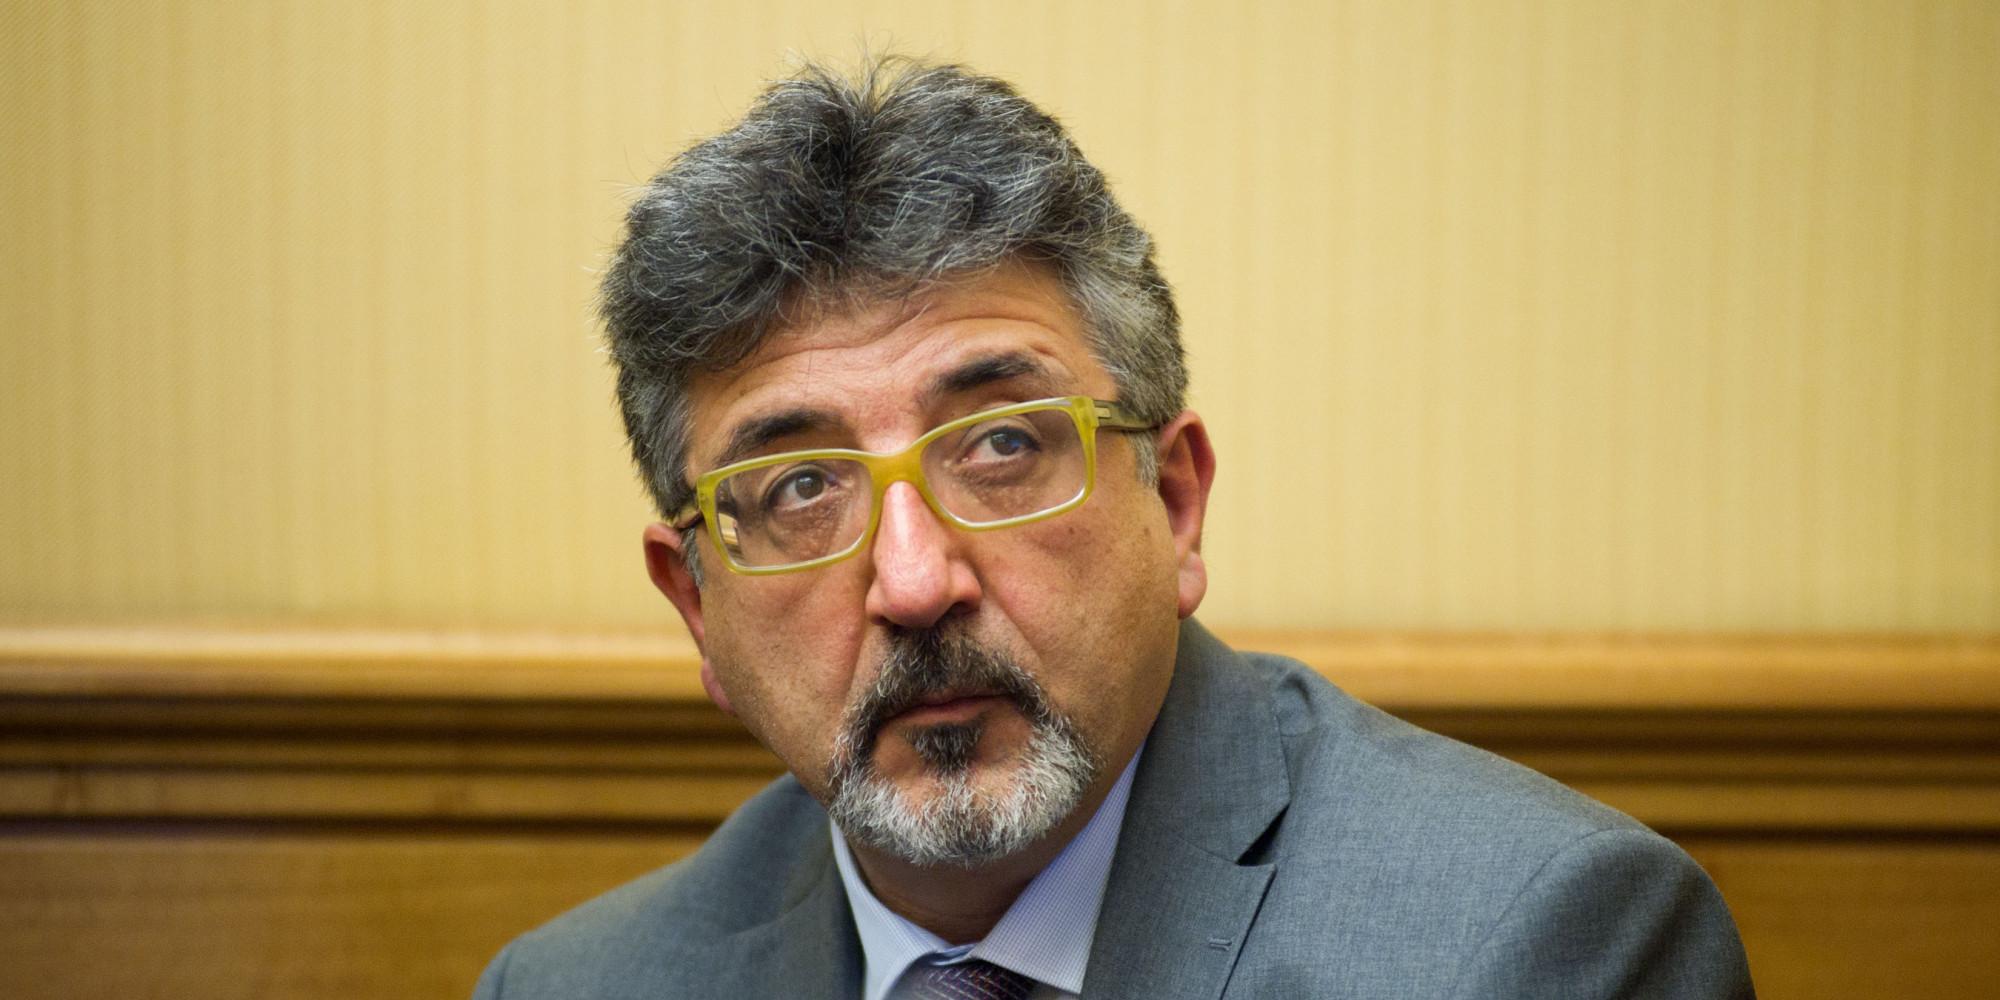 Bartolomeo Pepe fuori dalla commissione di inchiesta sui rifiuti e le ecomafie